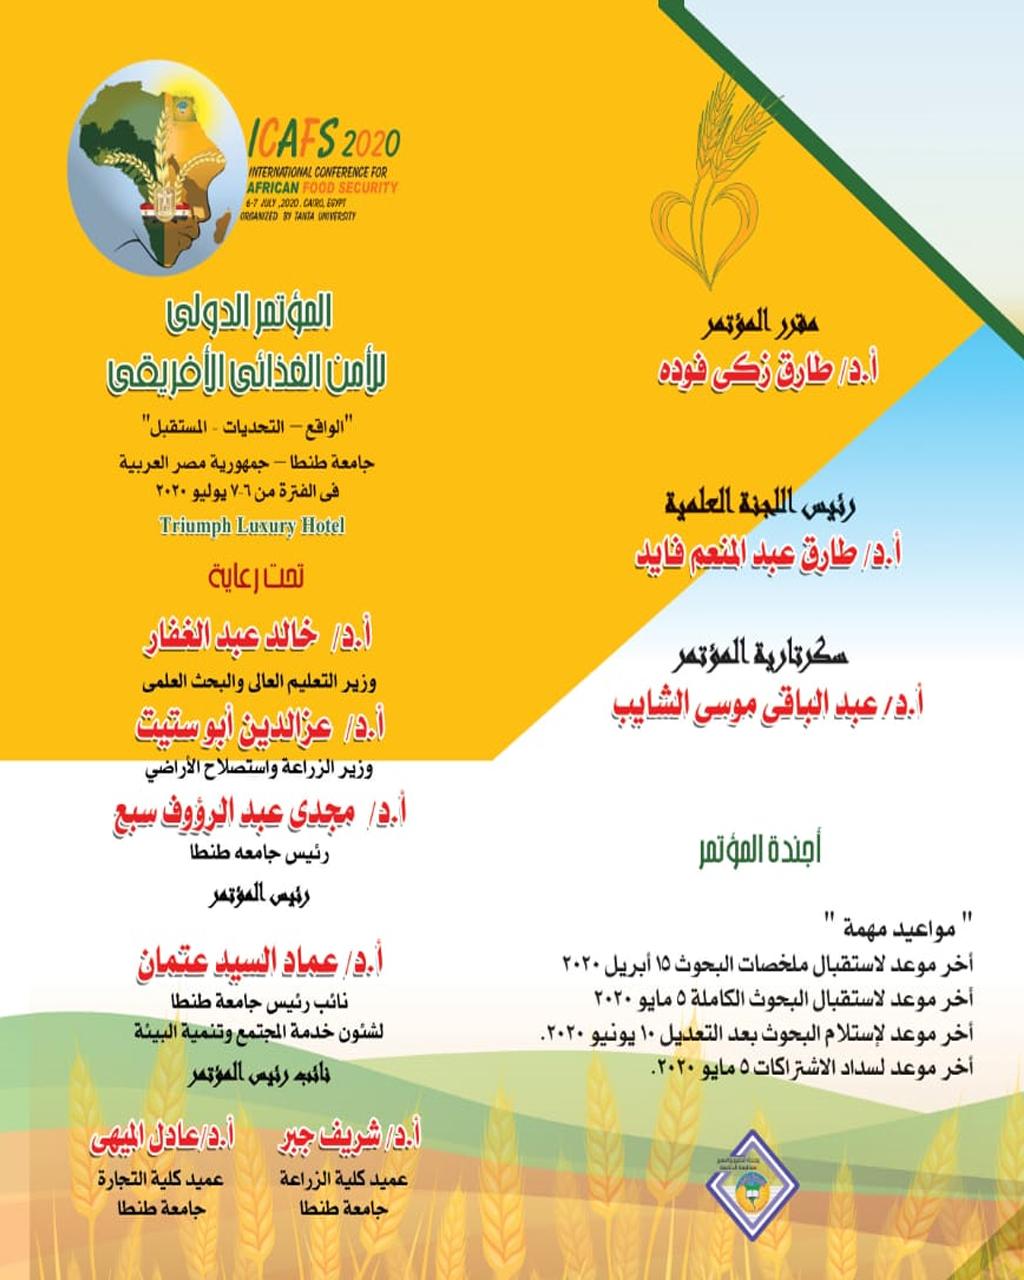 المؤتمر الدولي للأمن الغذائي الأفريقي